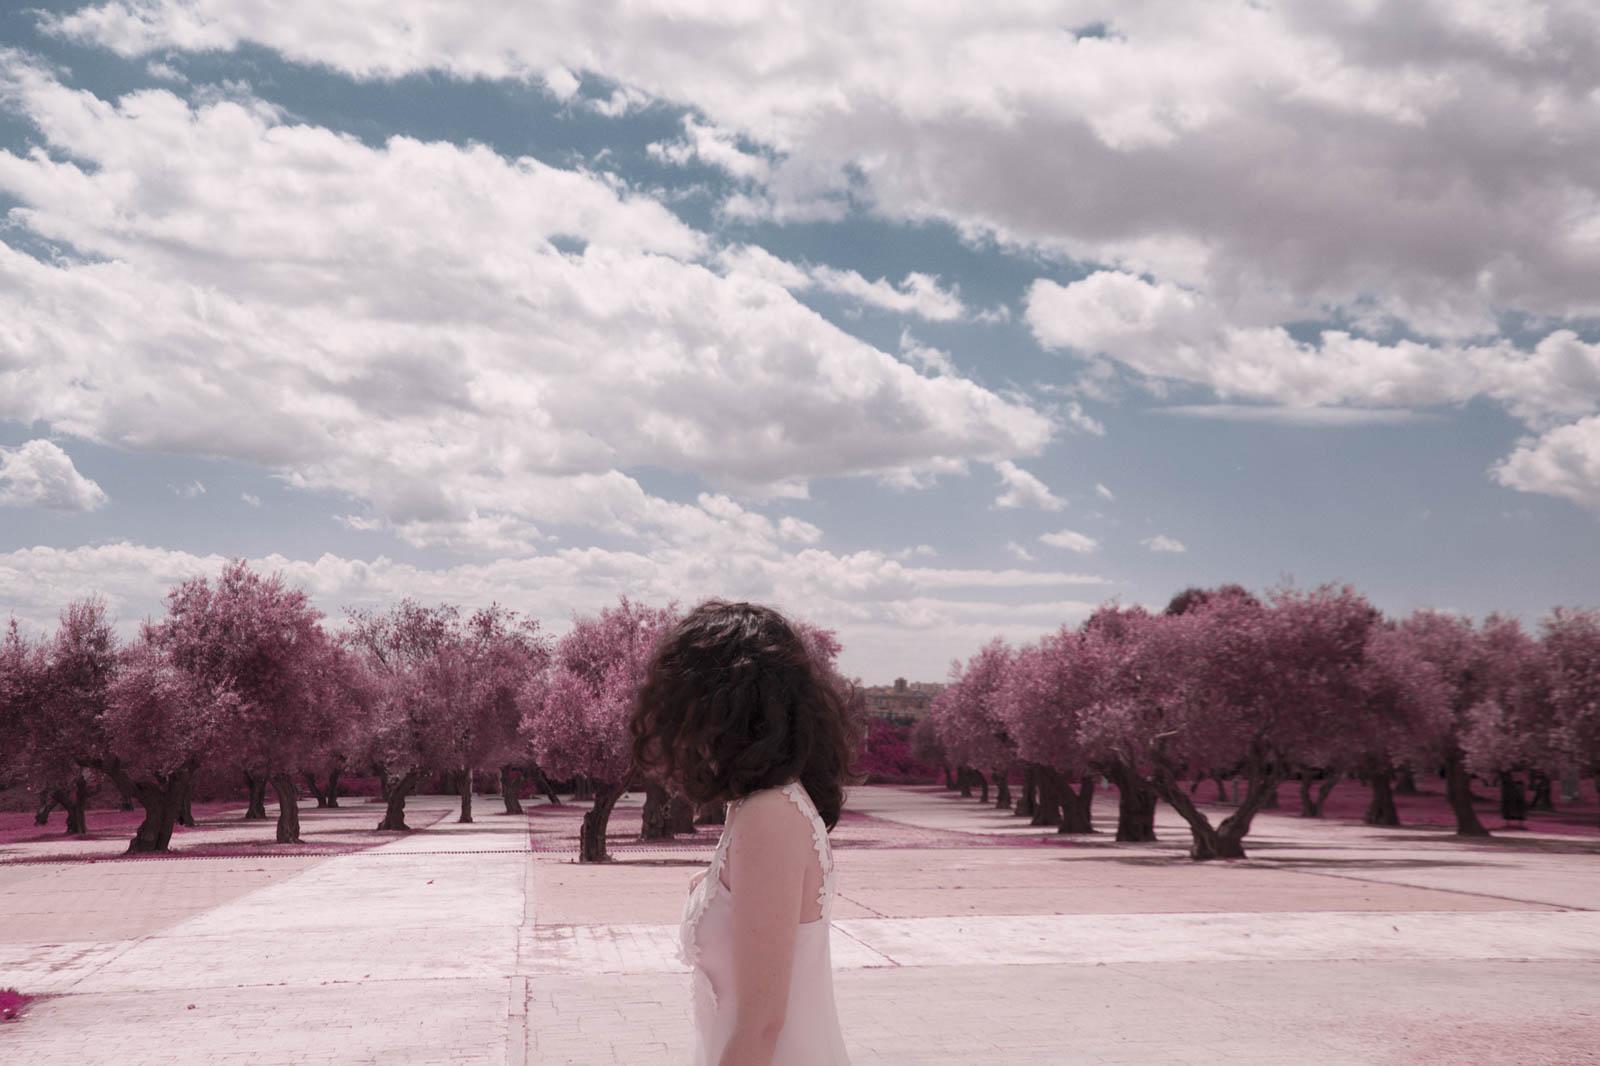 Directora de cine - Video publicitario - Fotografía fine art - Visual poem